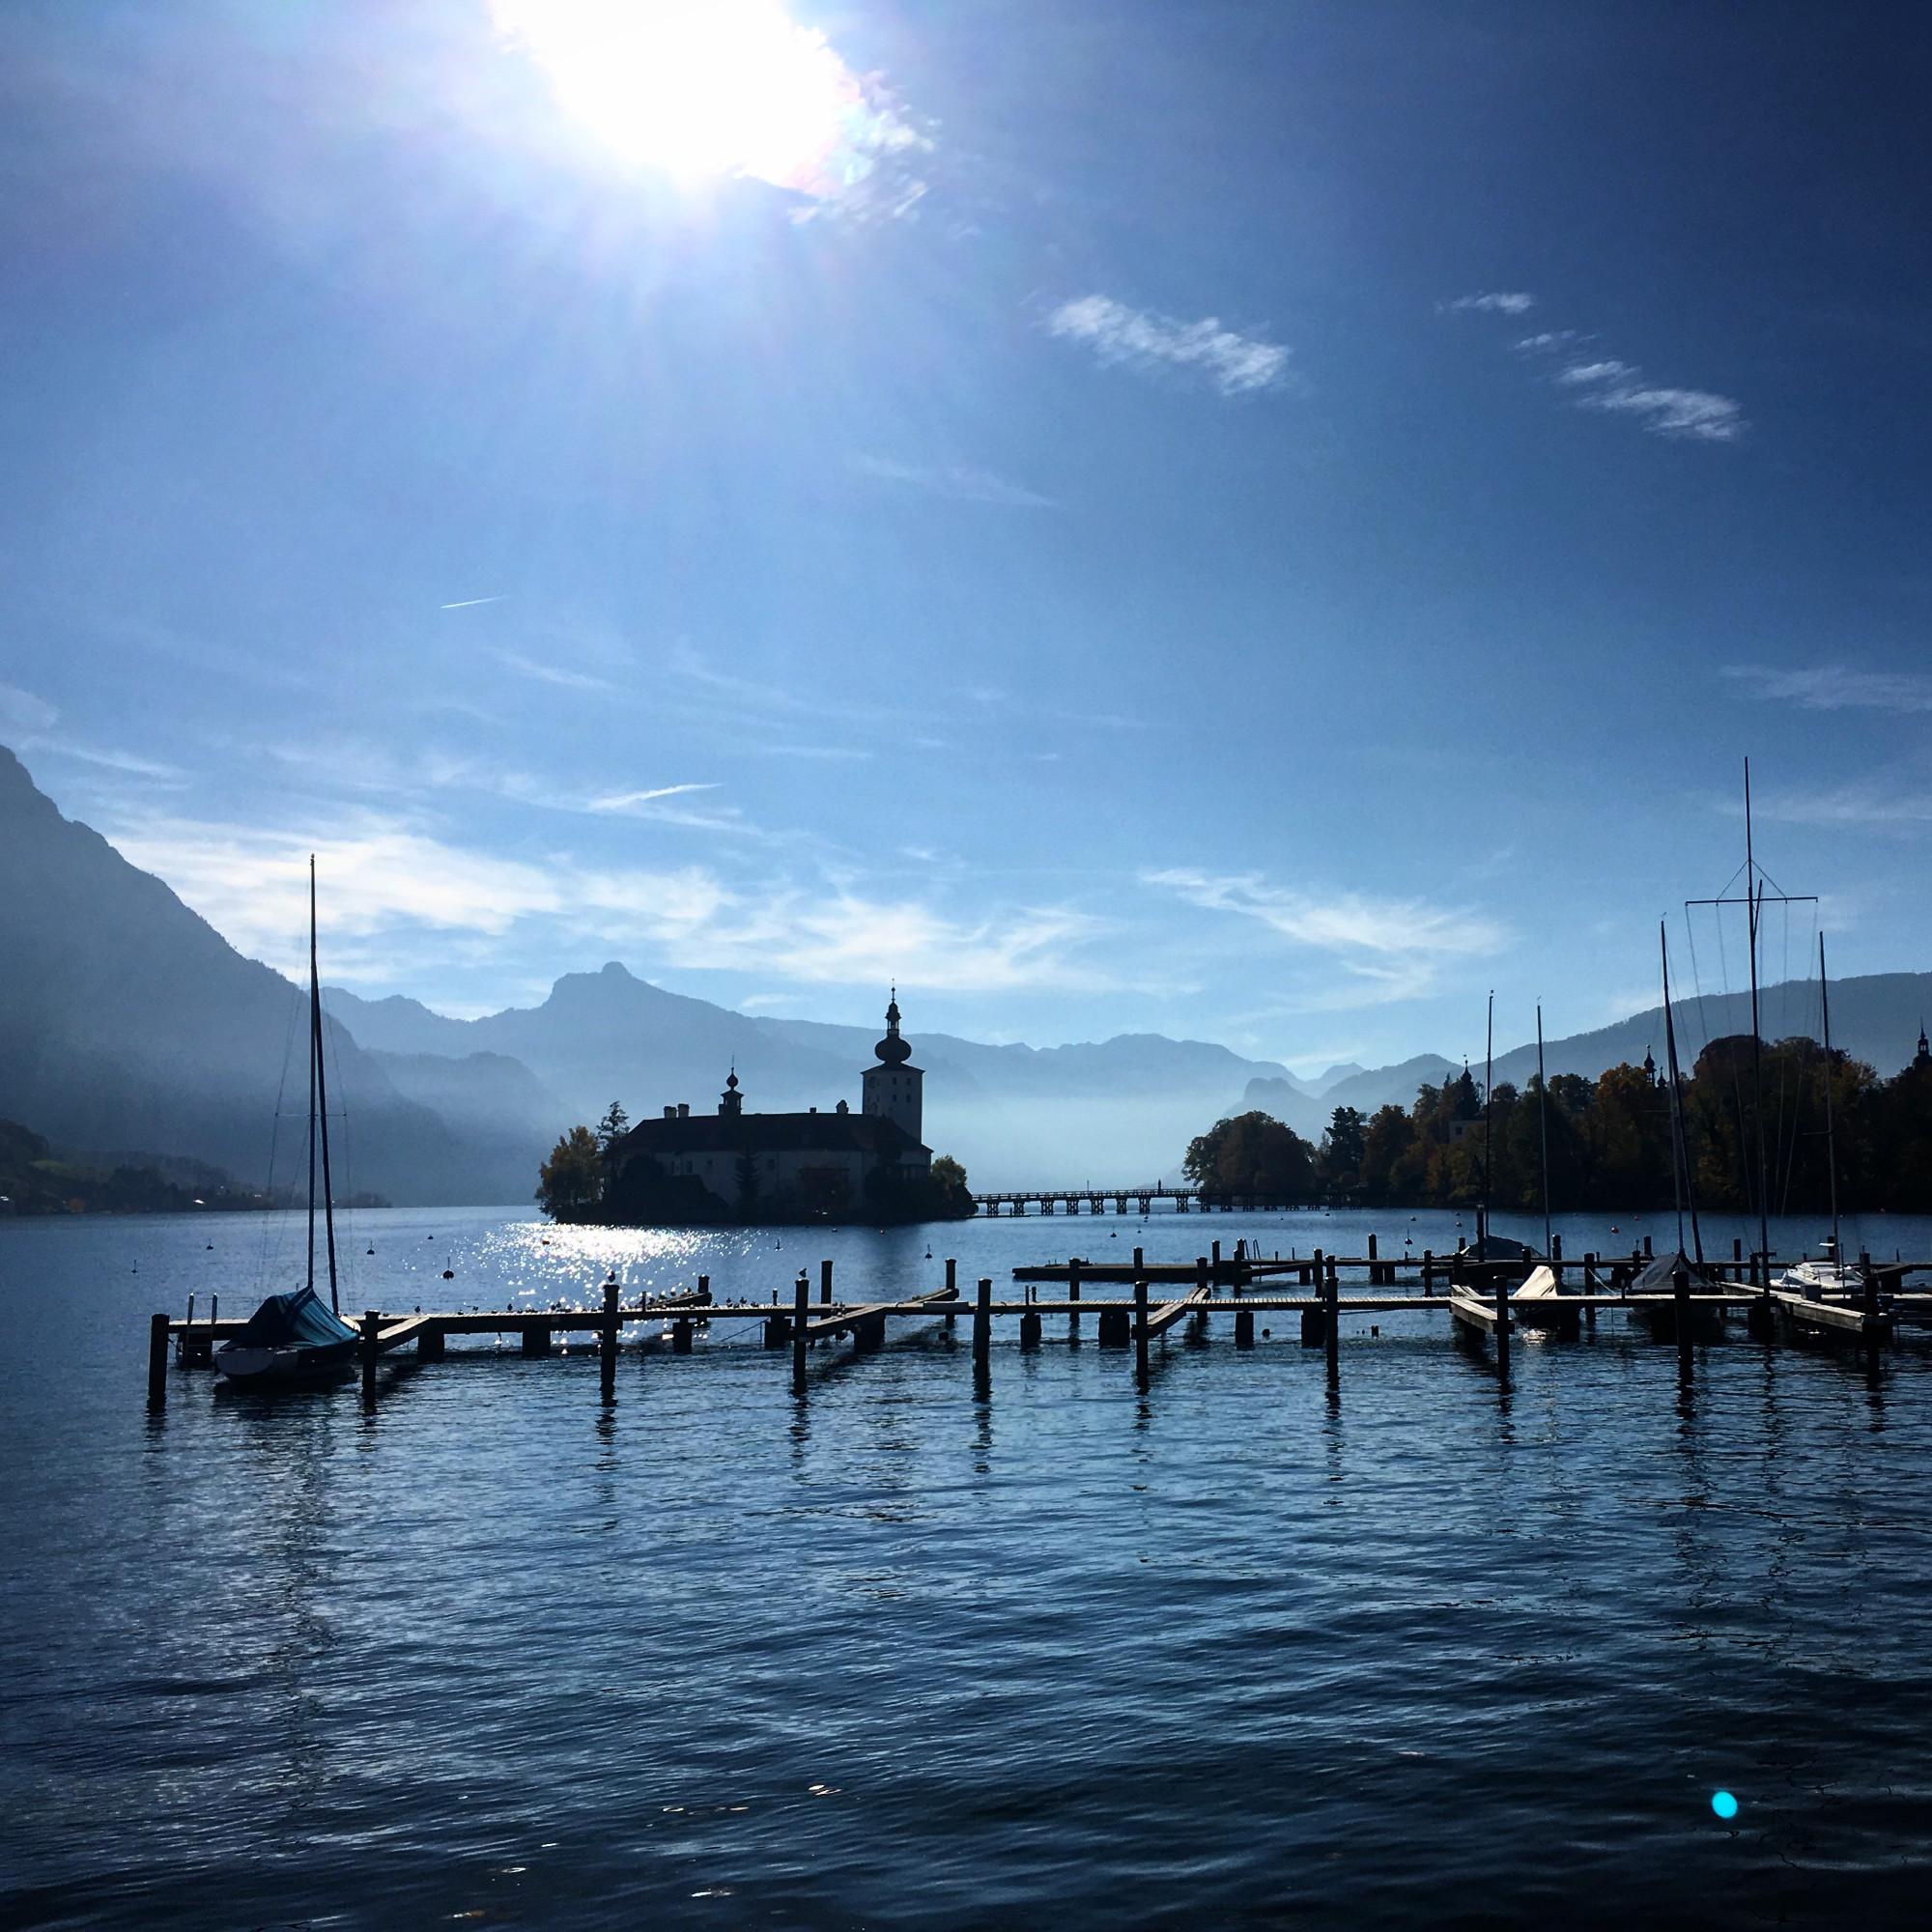 Гмунден, в итоге, произвёл незабываемое впечатление. Одно из красивейших мест, что мы посетили в этом году. Наверное, благодаря погоде, да и какая разница?